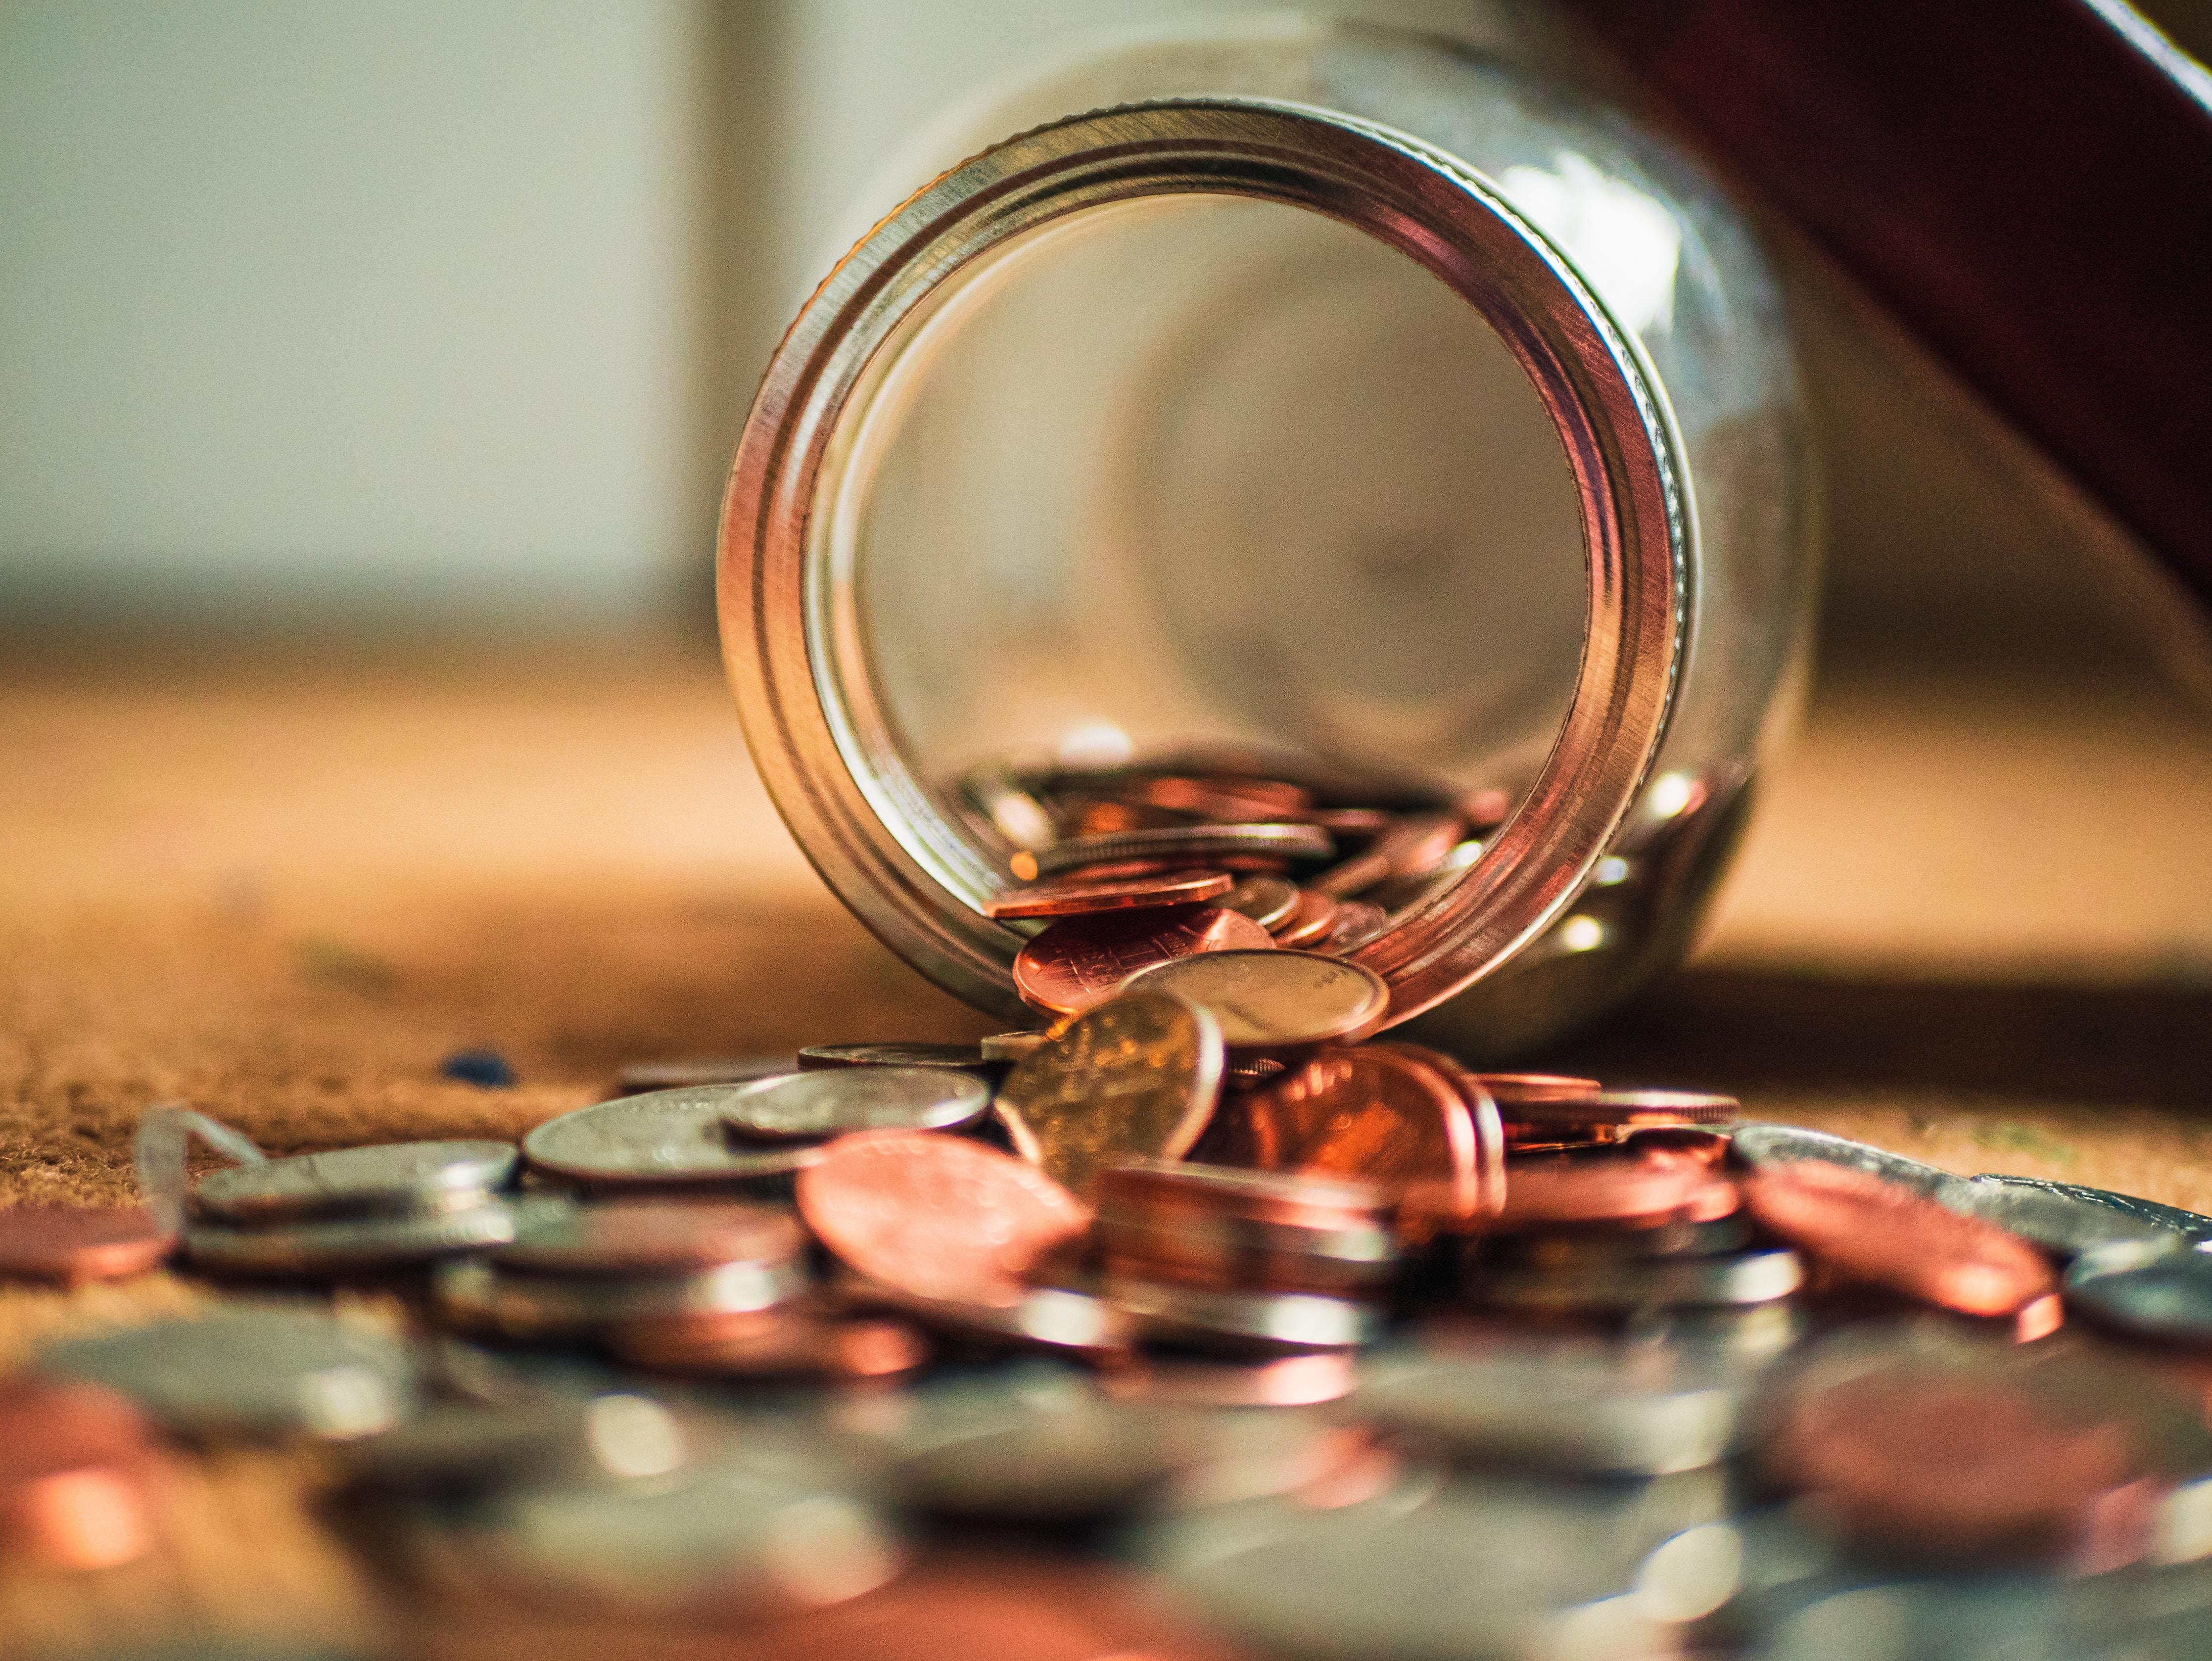 Münzen aus einem Glas